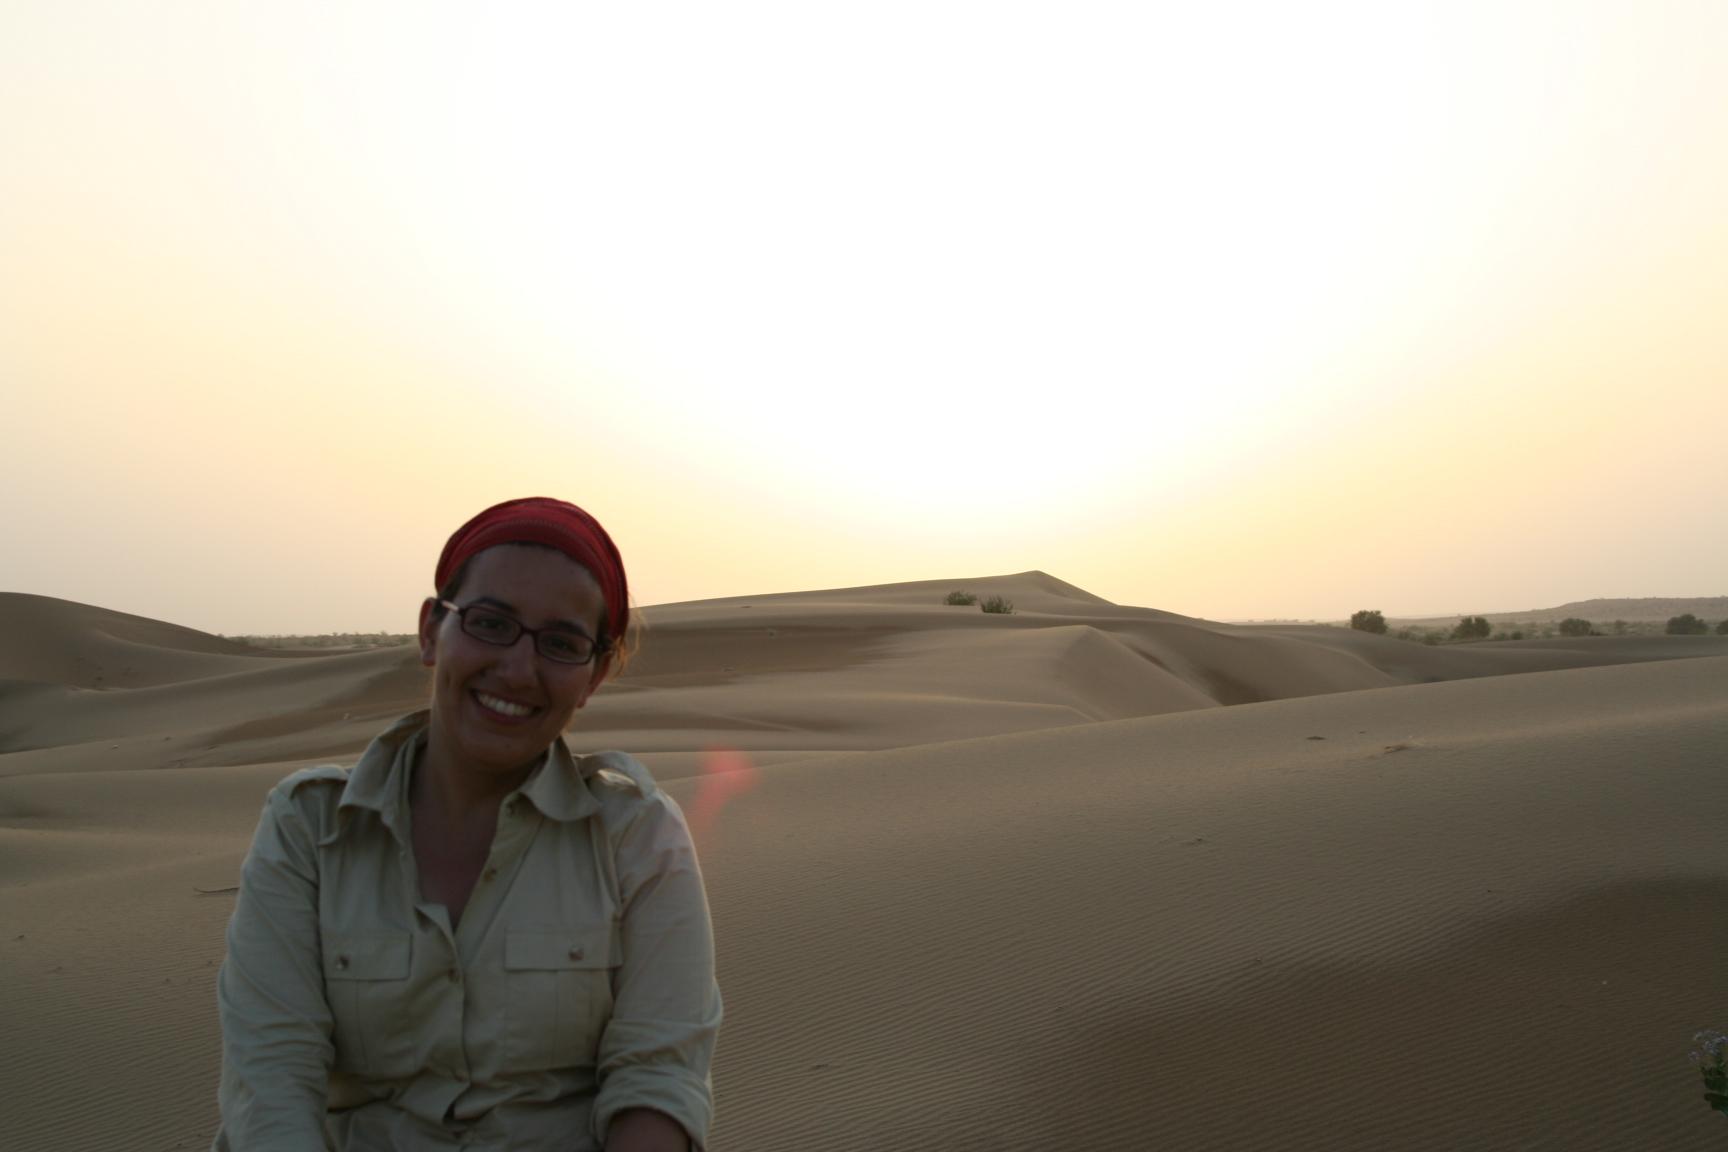 Jaisalmer - sunset in the desert